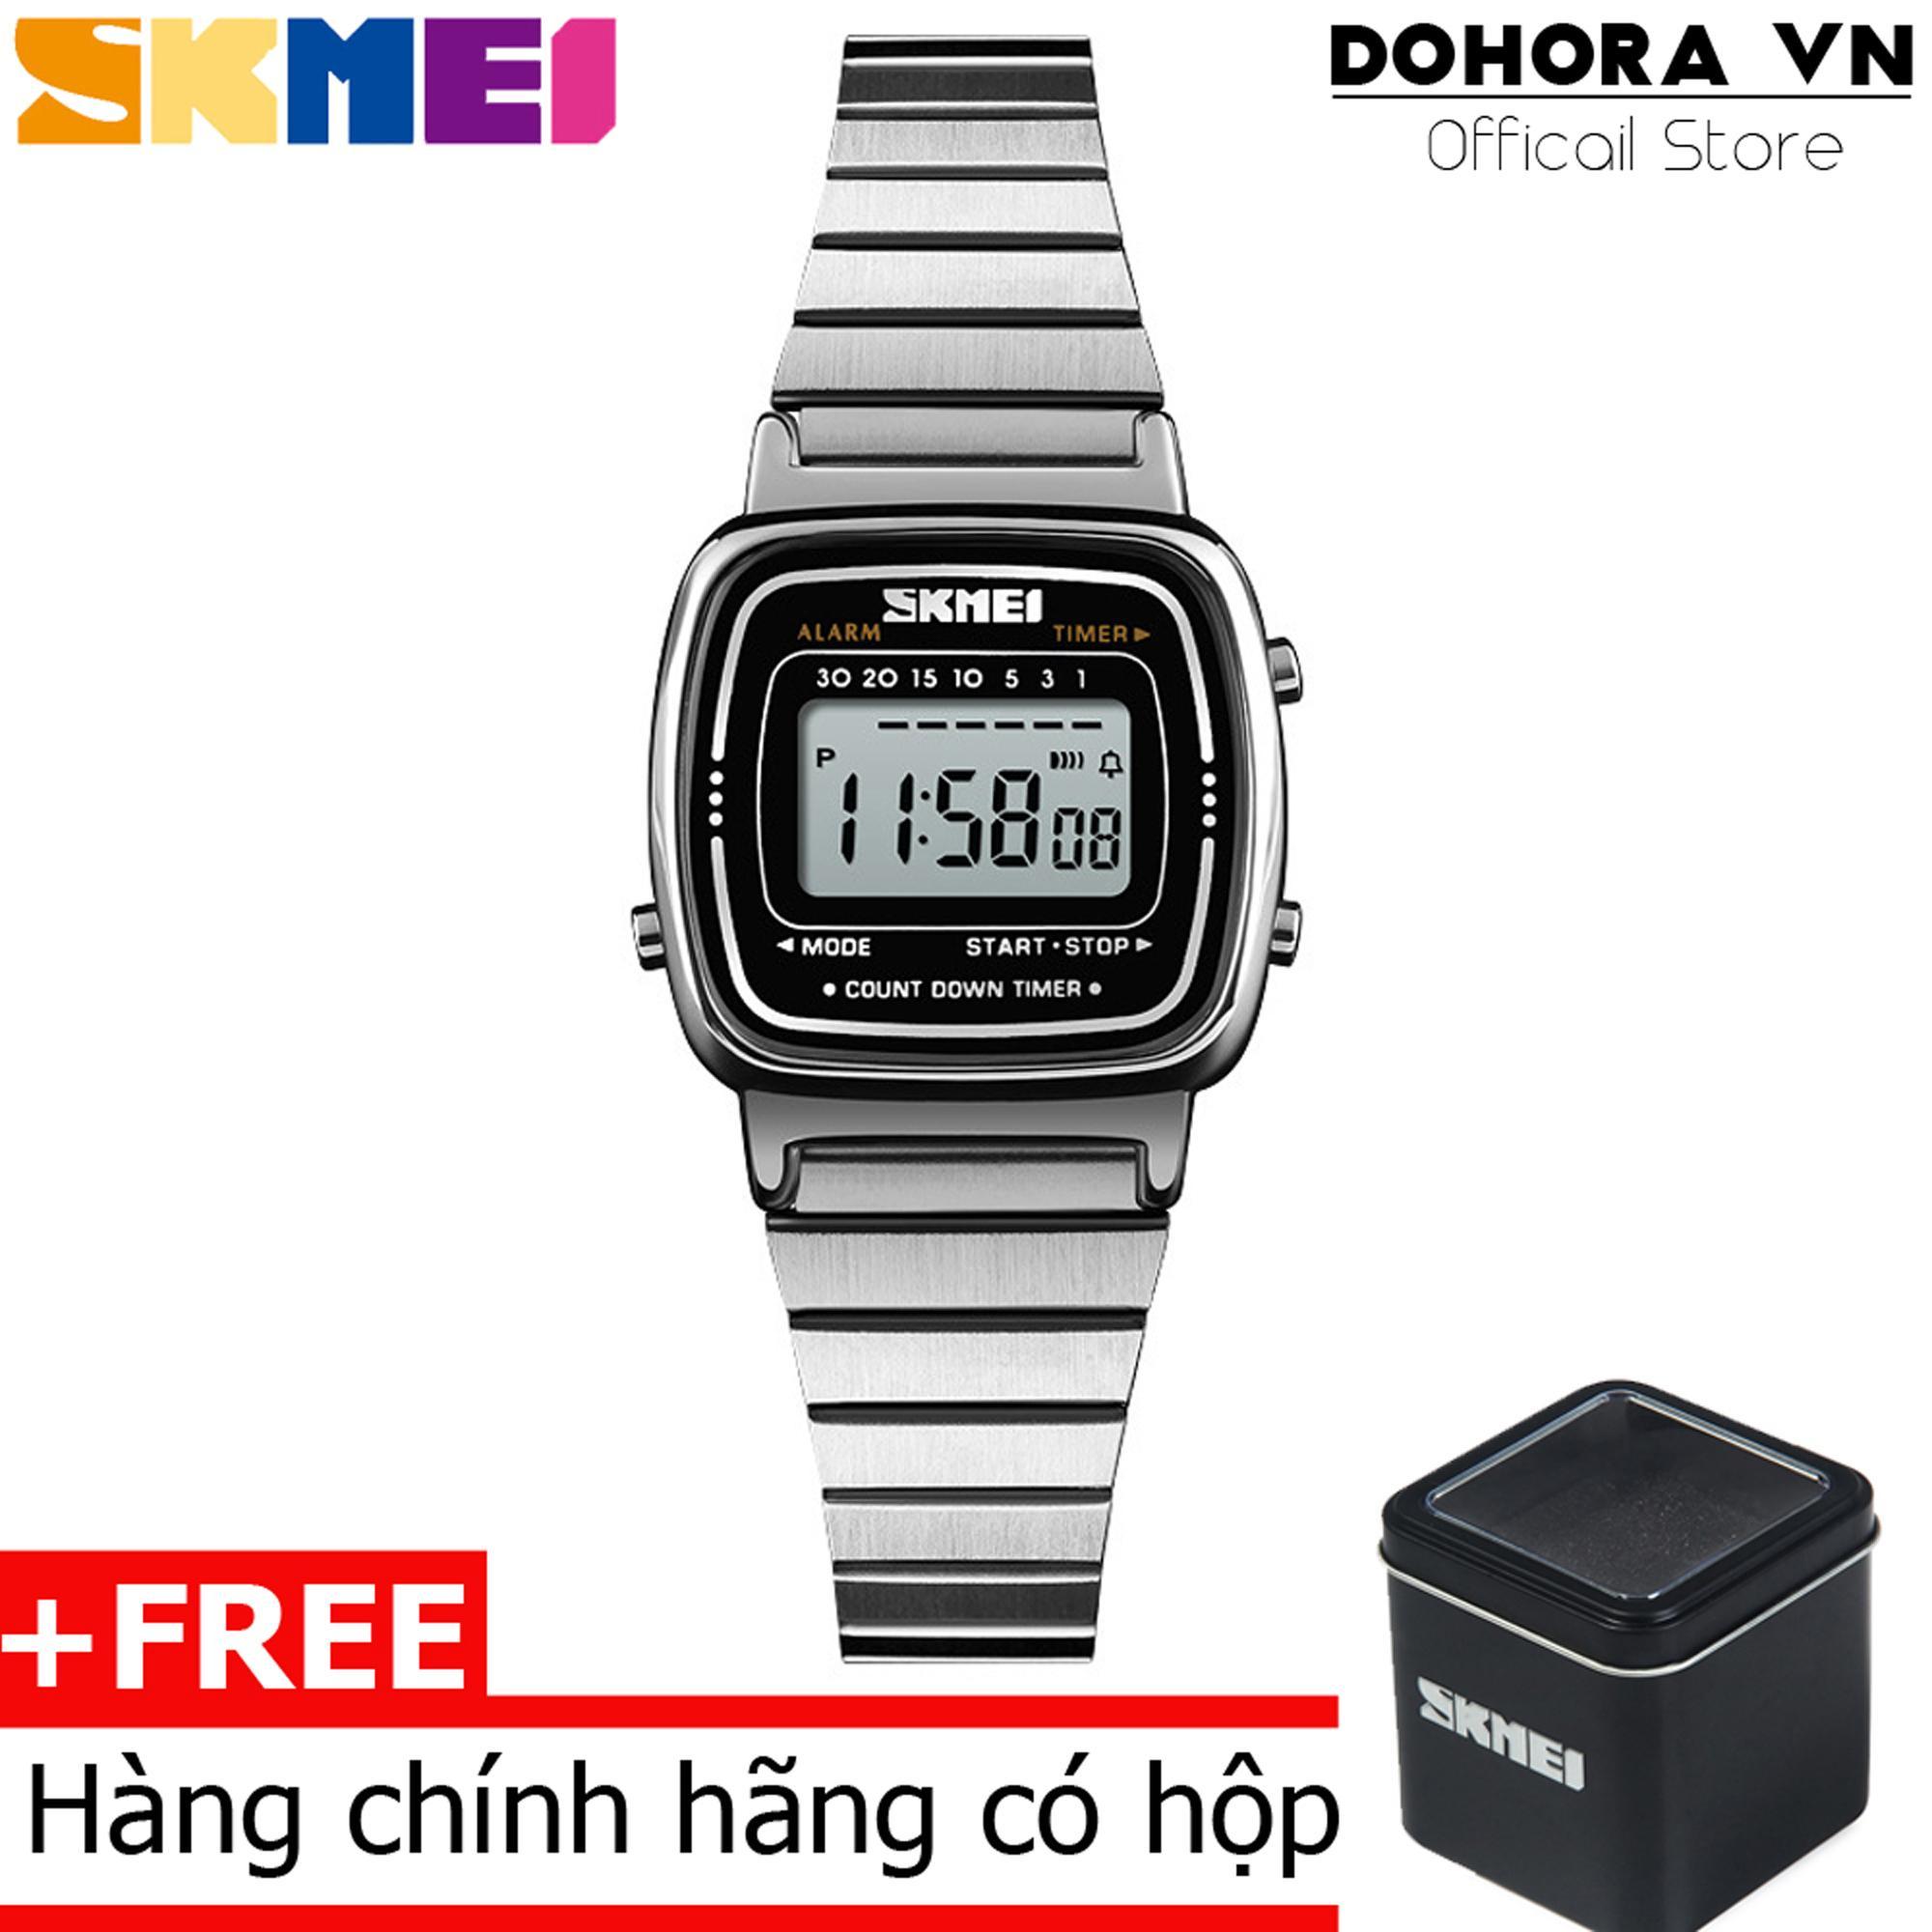 Đồng hồ điện tử nữ hot Skmei S670 Dual time dây thép không gỉ chống nước 30m